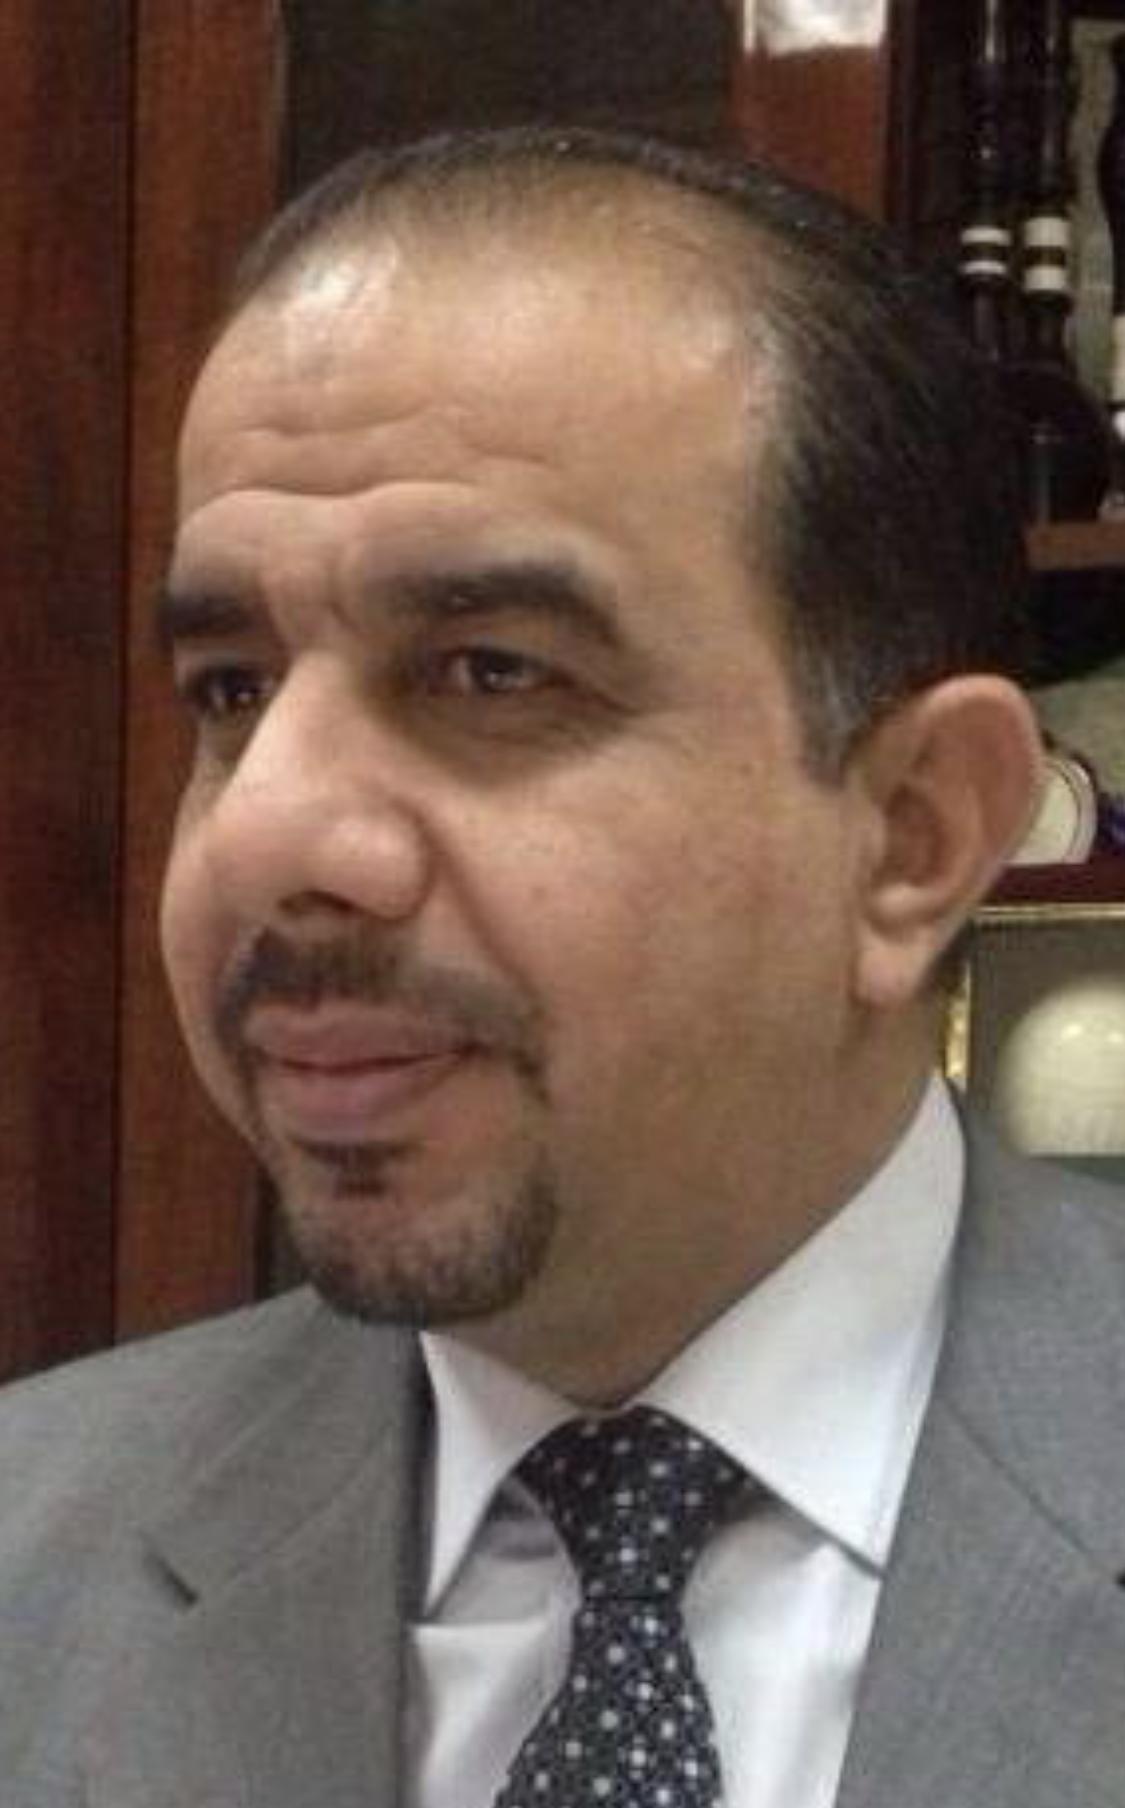 المنتجين يهنئون عباس عبود لحصوله علي دبلوم عال عن خطاب داعش الإعلامي